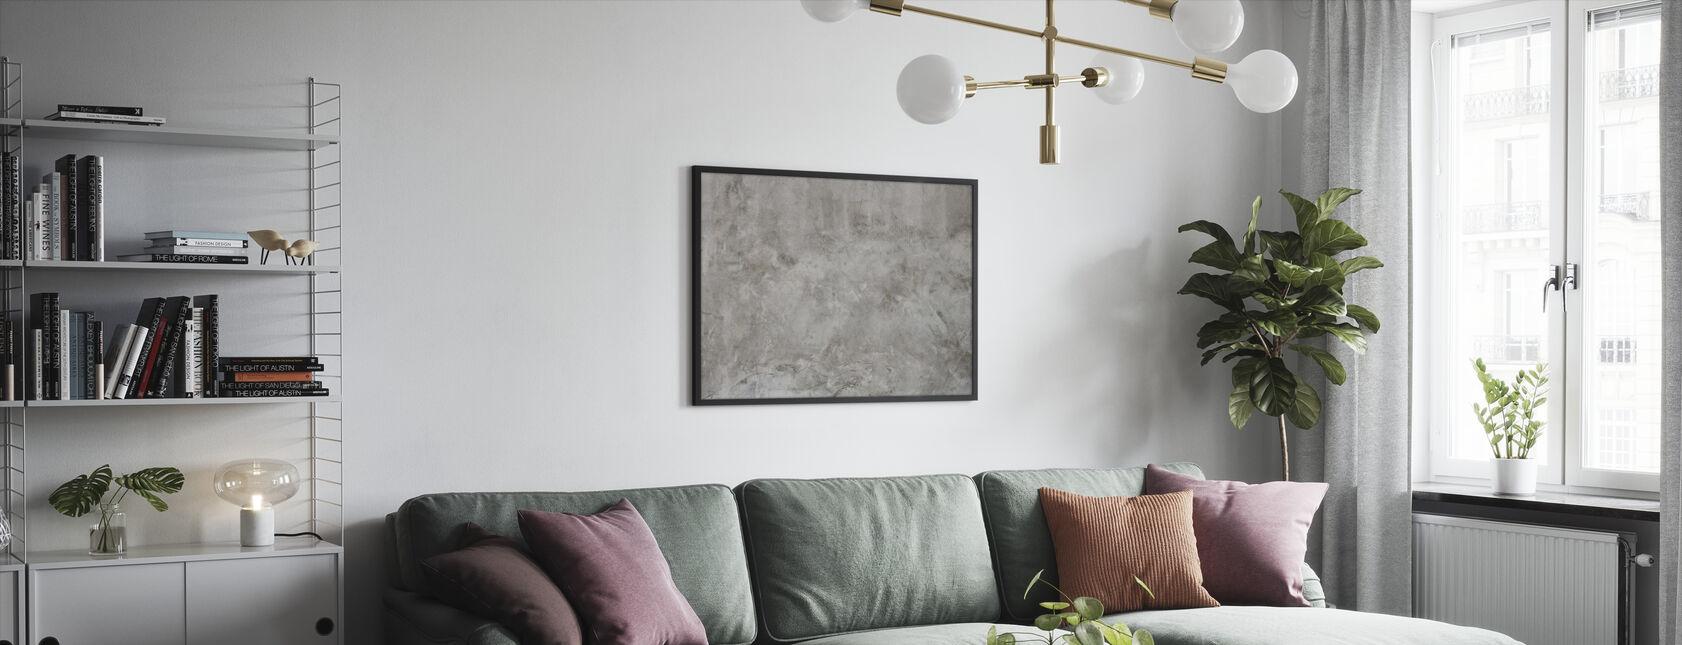 Betong Vegg tekstur - Innrammet bilde - Stue